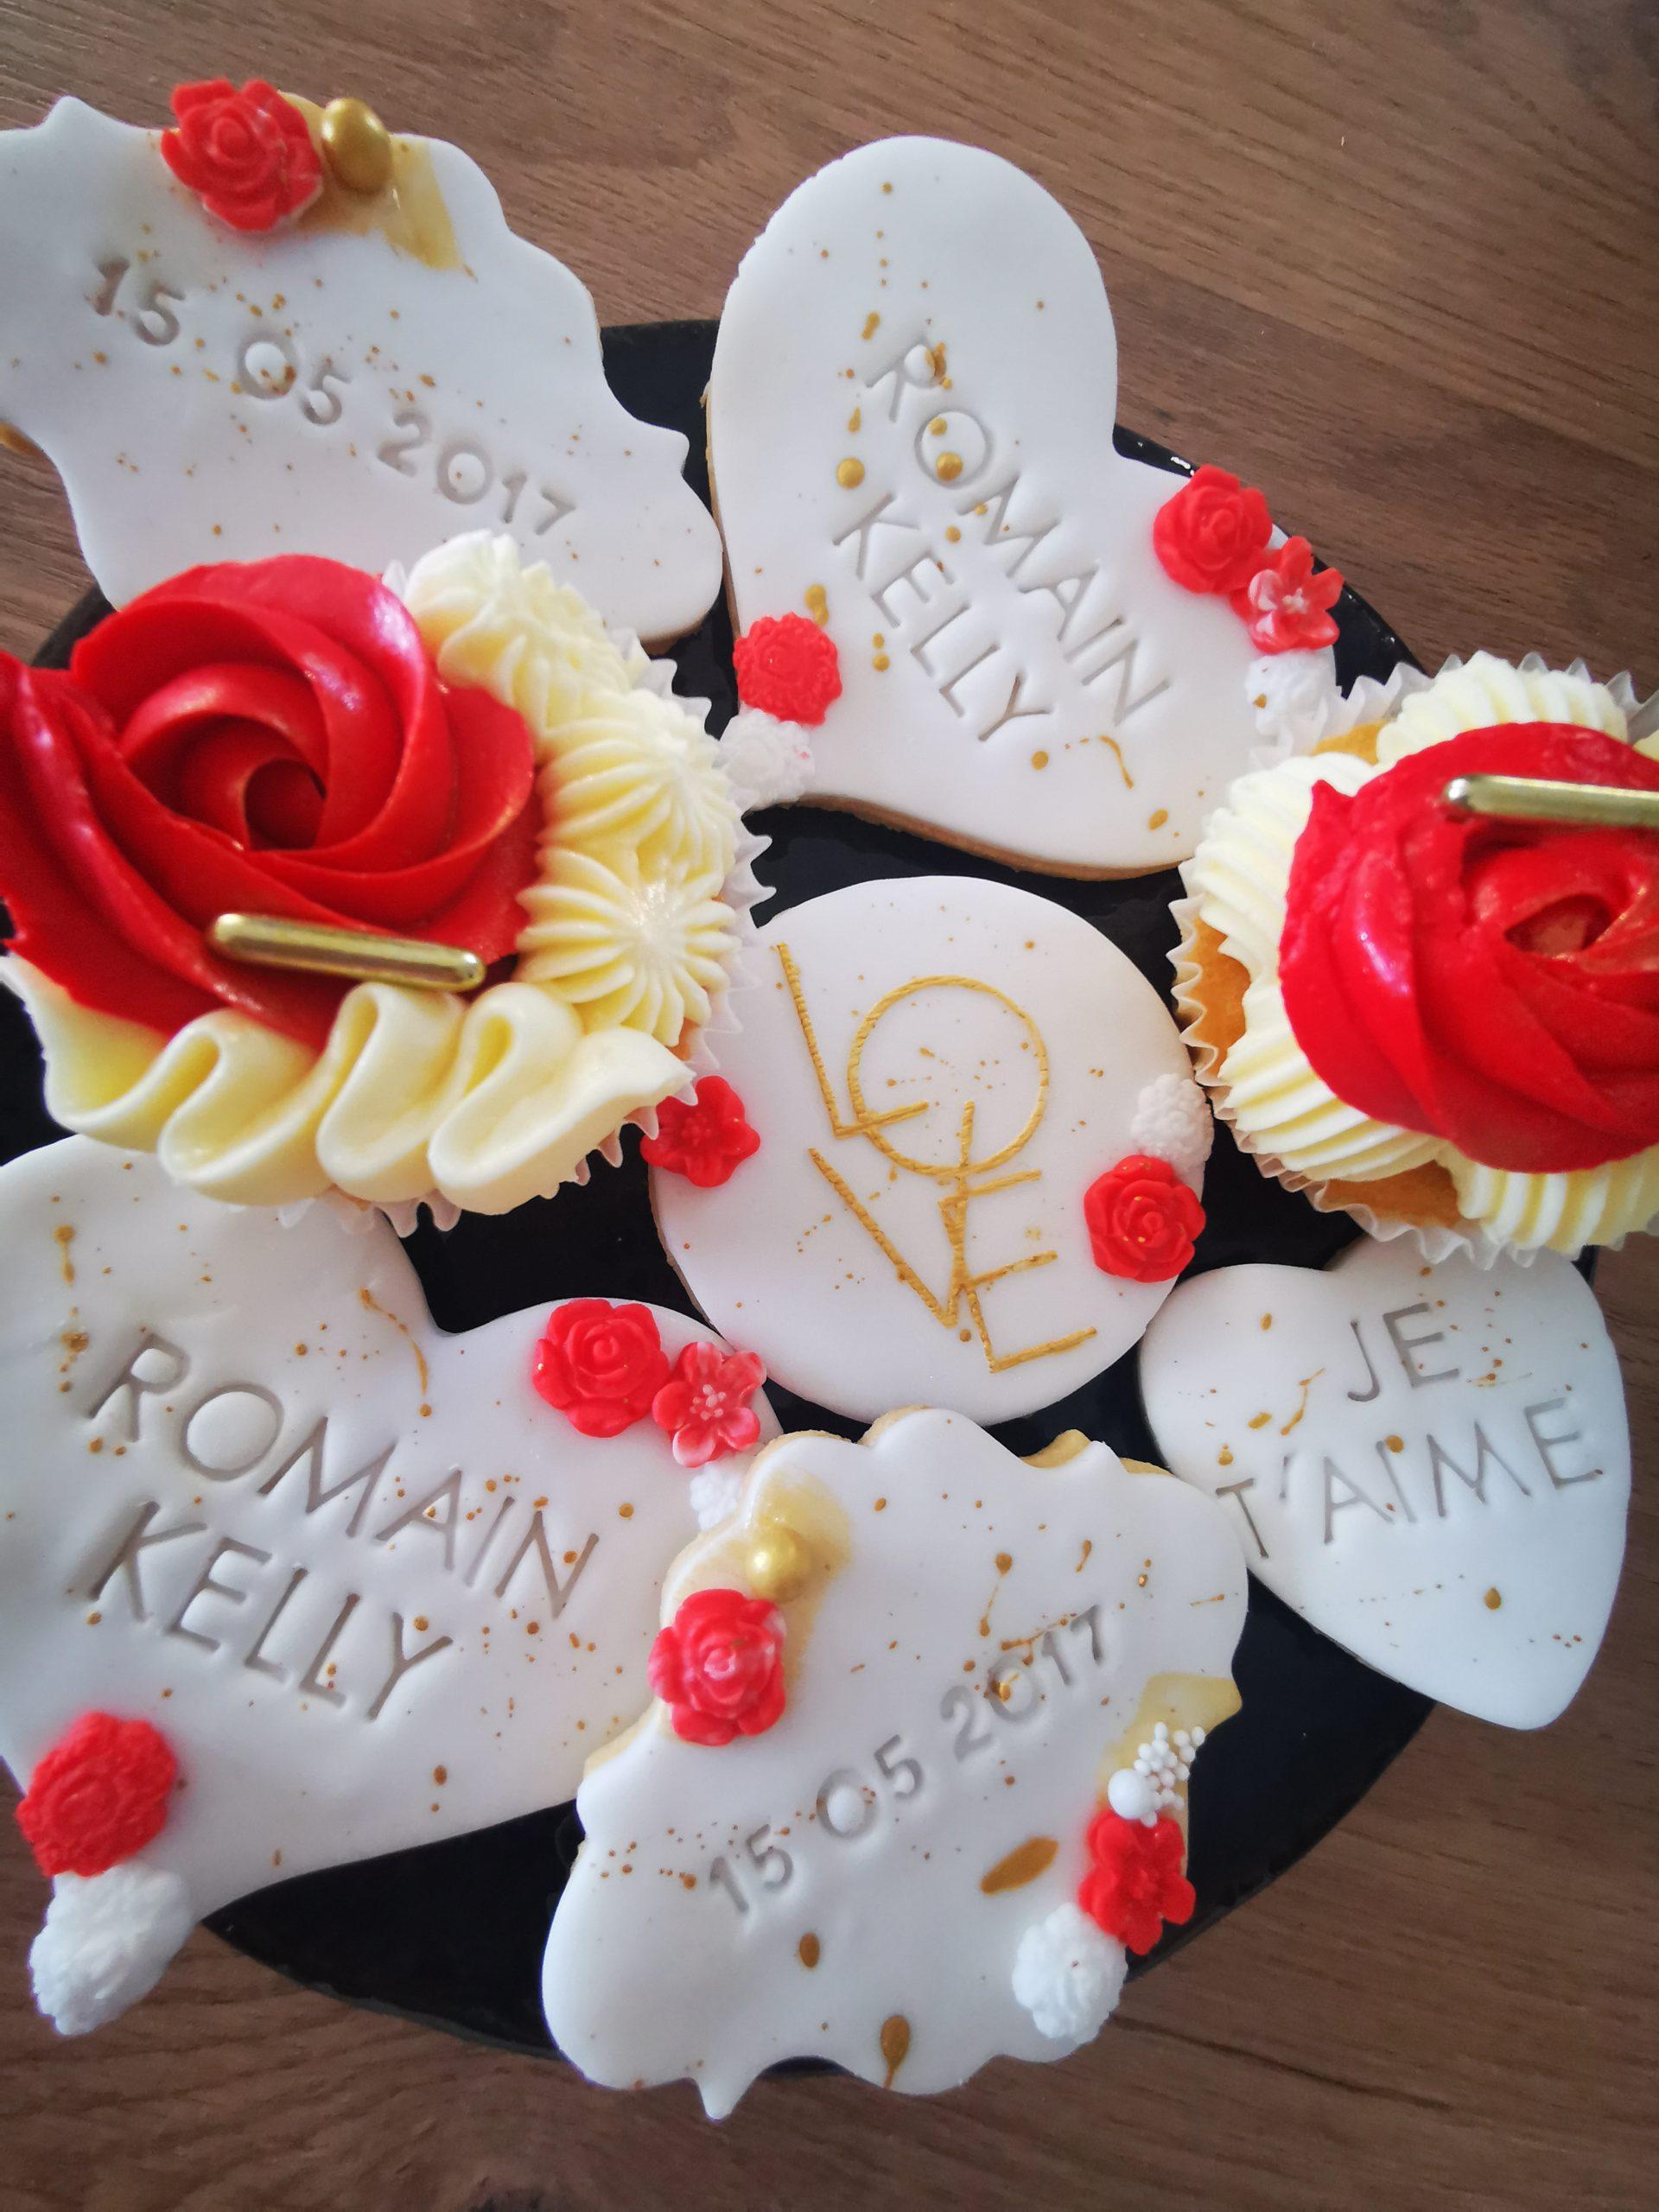 anniversaire de rencontre - organisation événements privés les moments m - wedding planner lyon